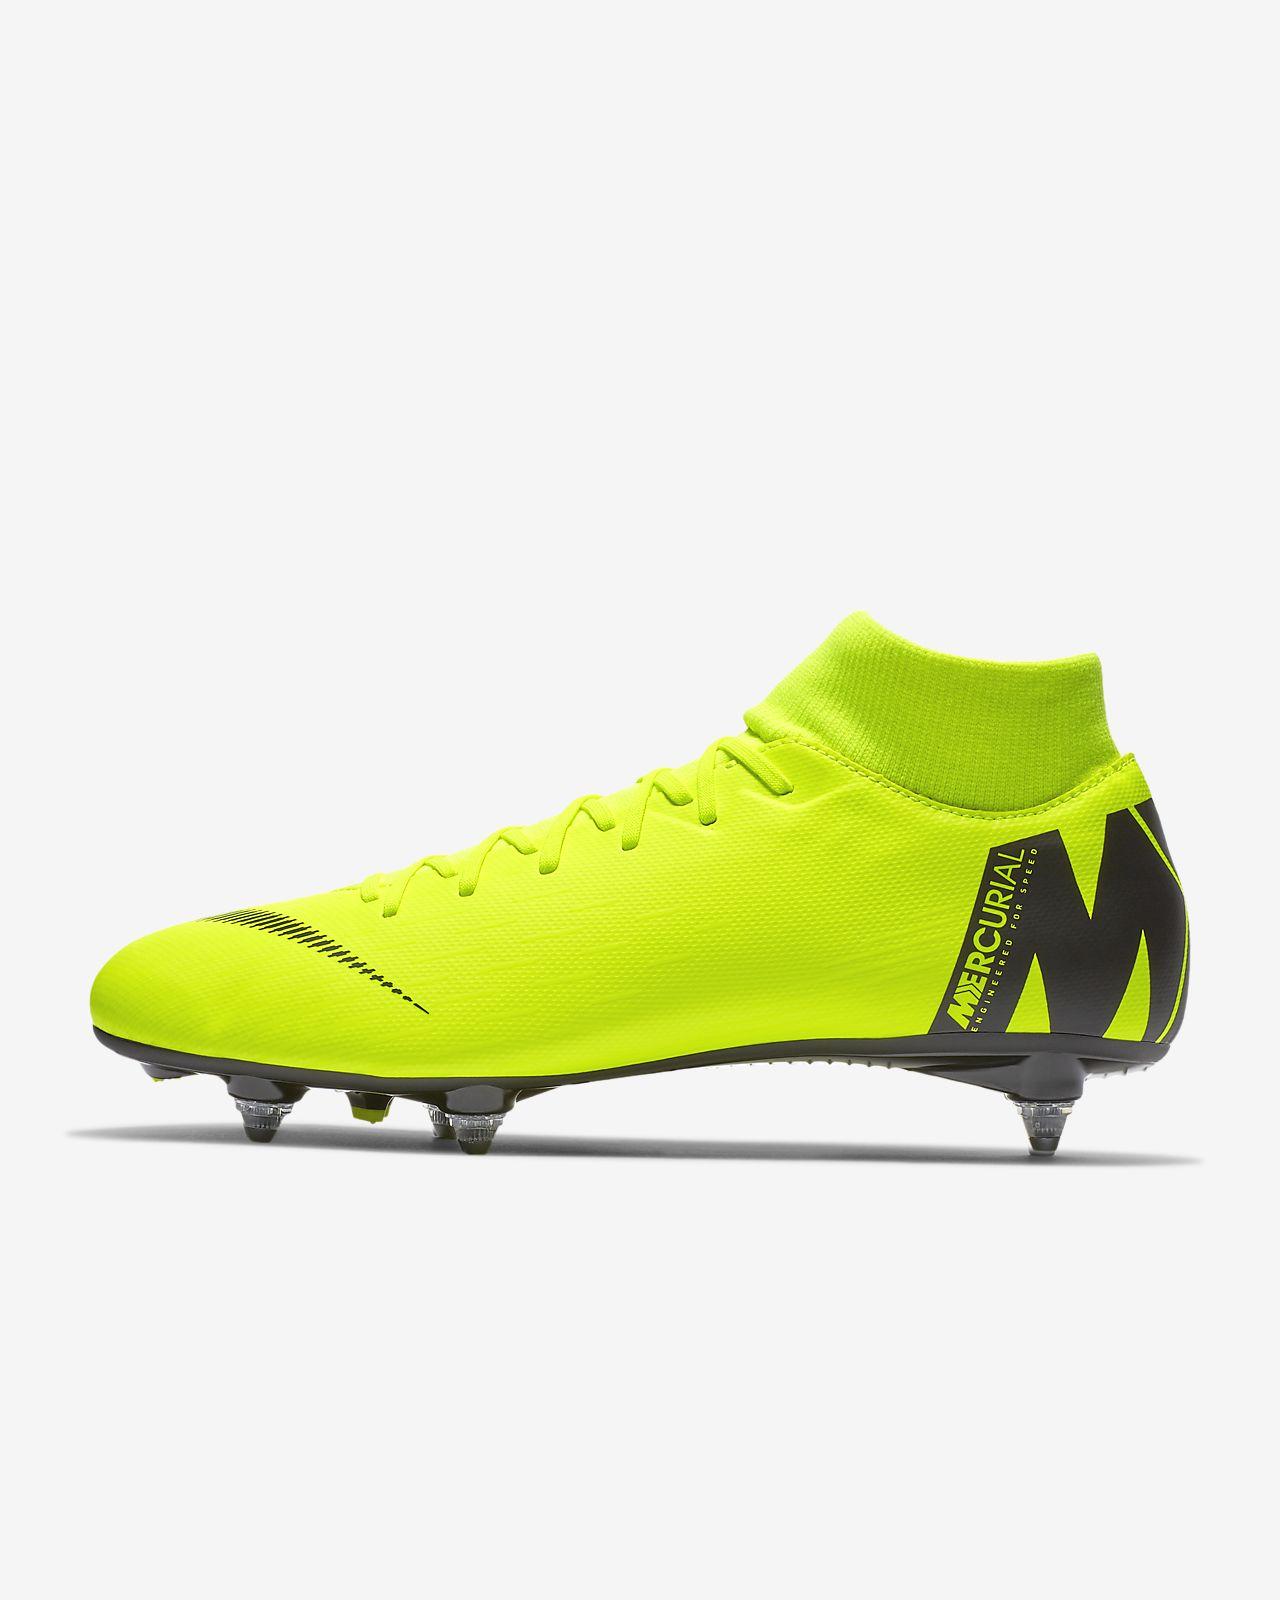 check out ef8f7 9e17e ... Fotbollssko för mjukt underlag Nike Mercurial Superfly VI Academy SG-PRO